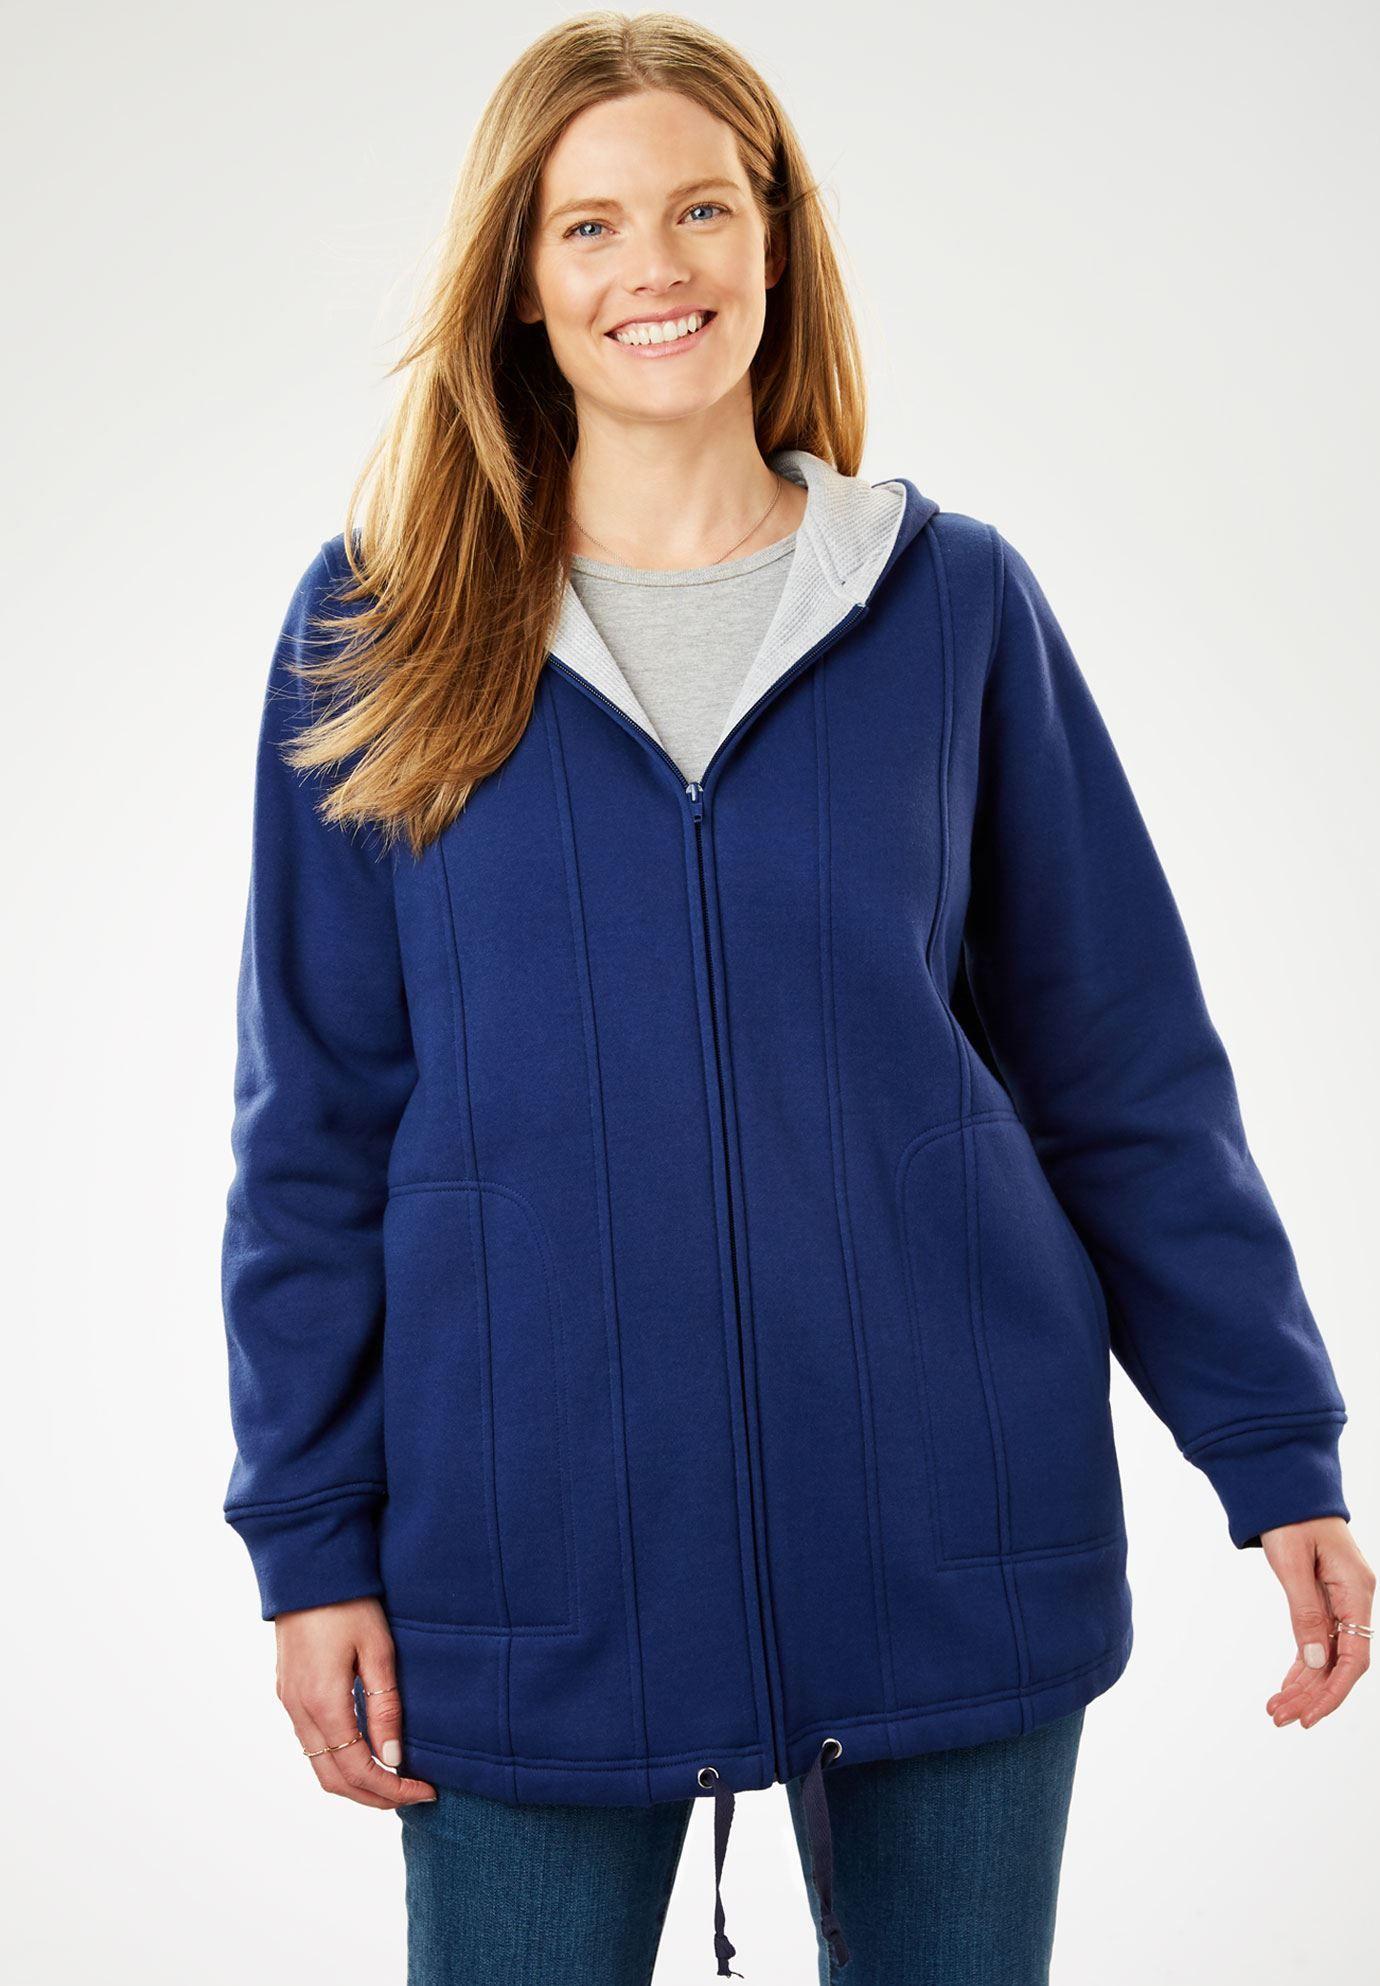 ThermalLined Hooded Fleece Jacket Fleece jacket womens